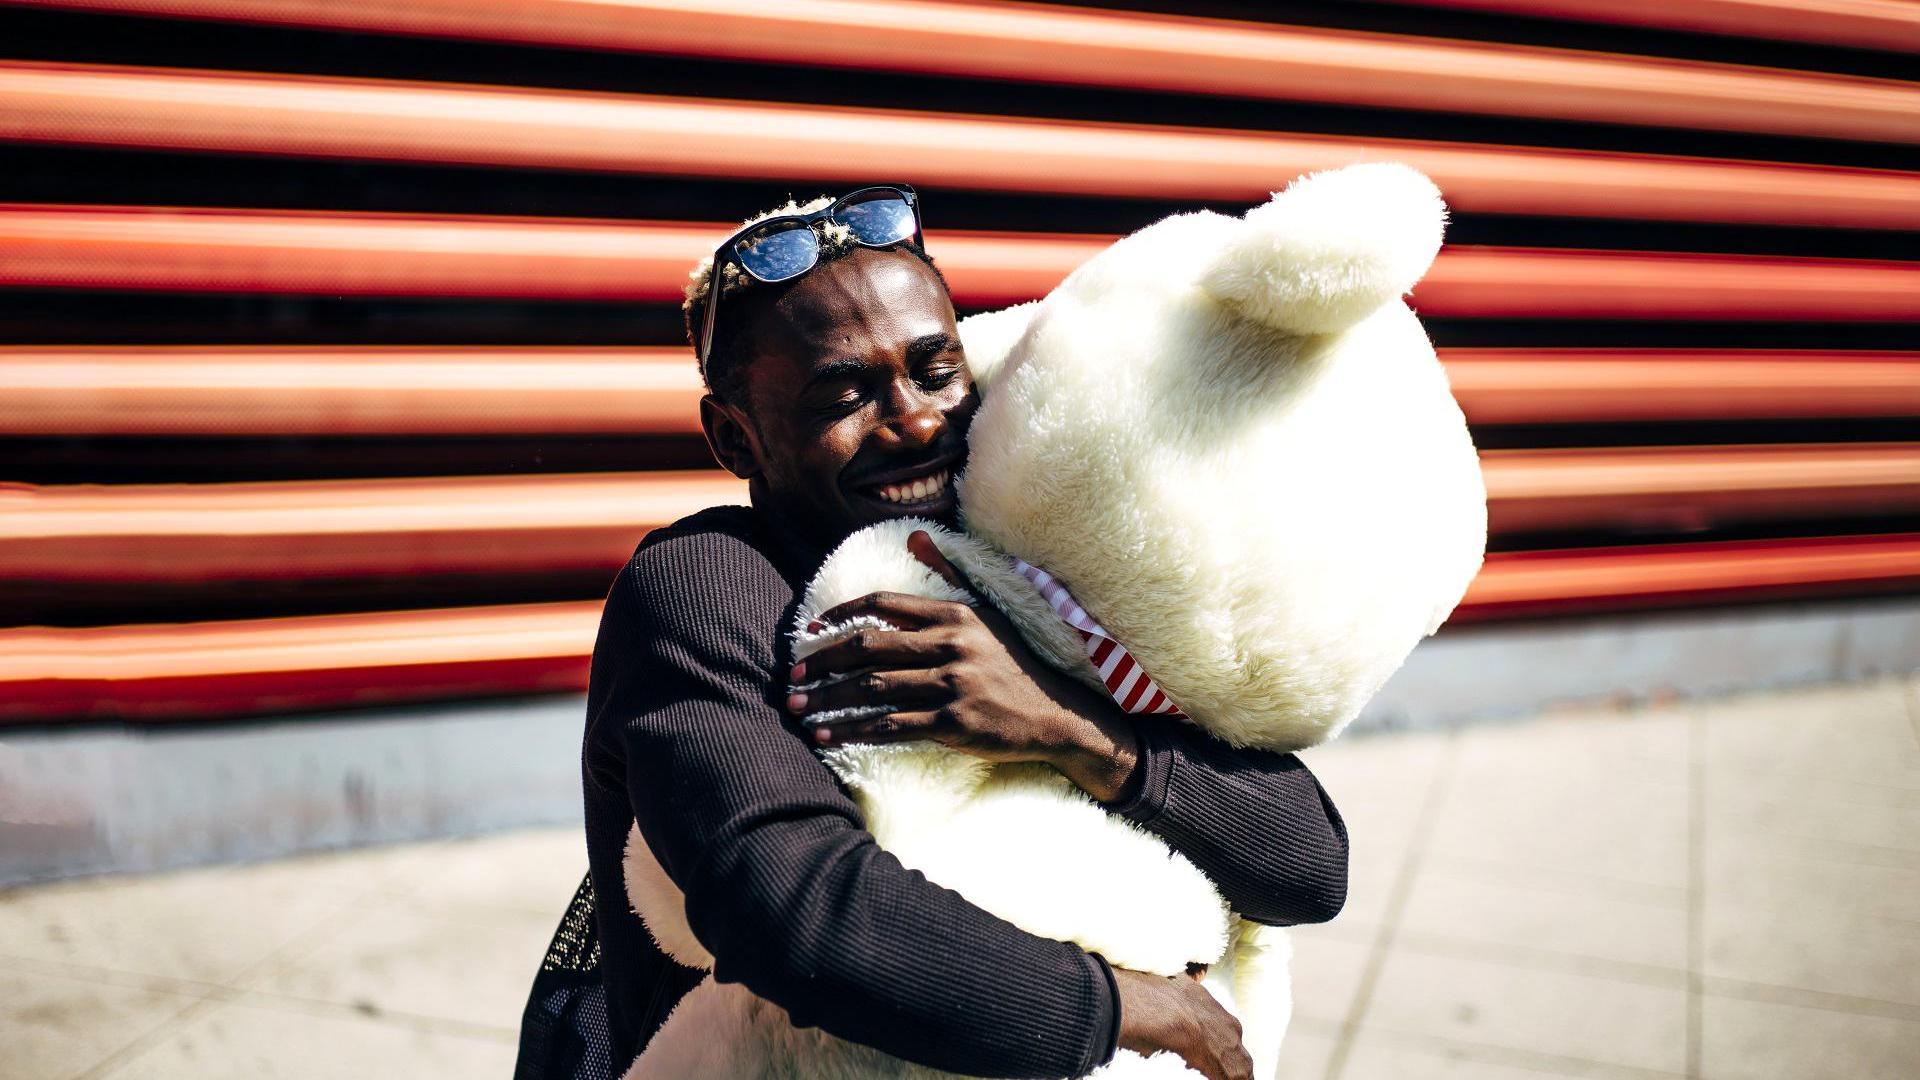 Mann der einen Bären kuschelt